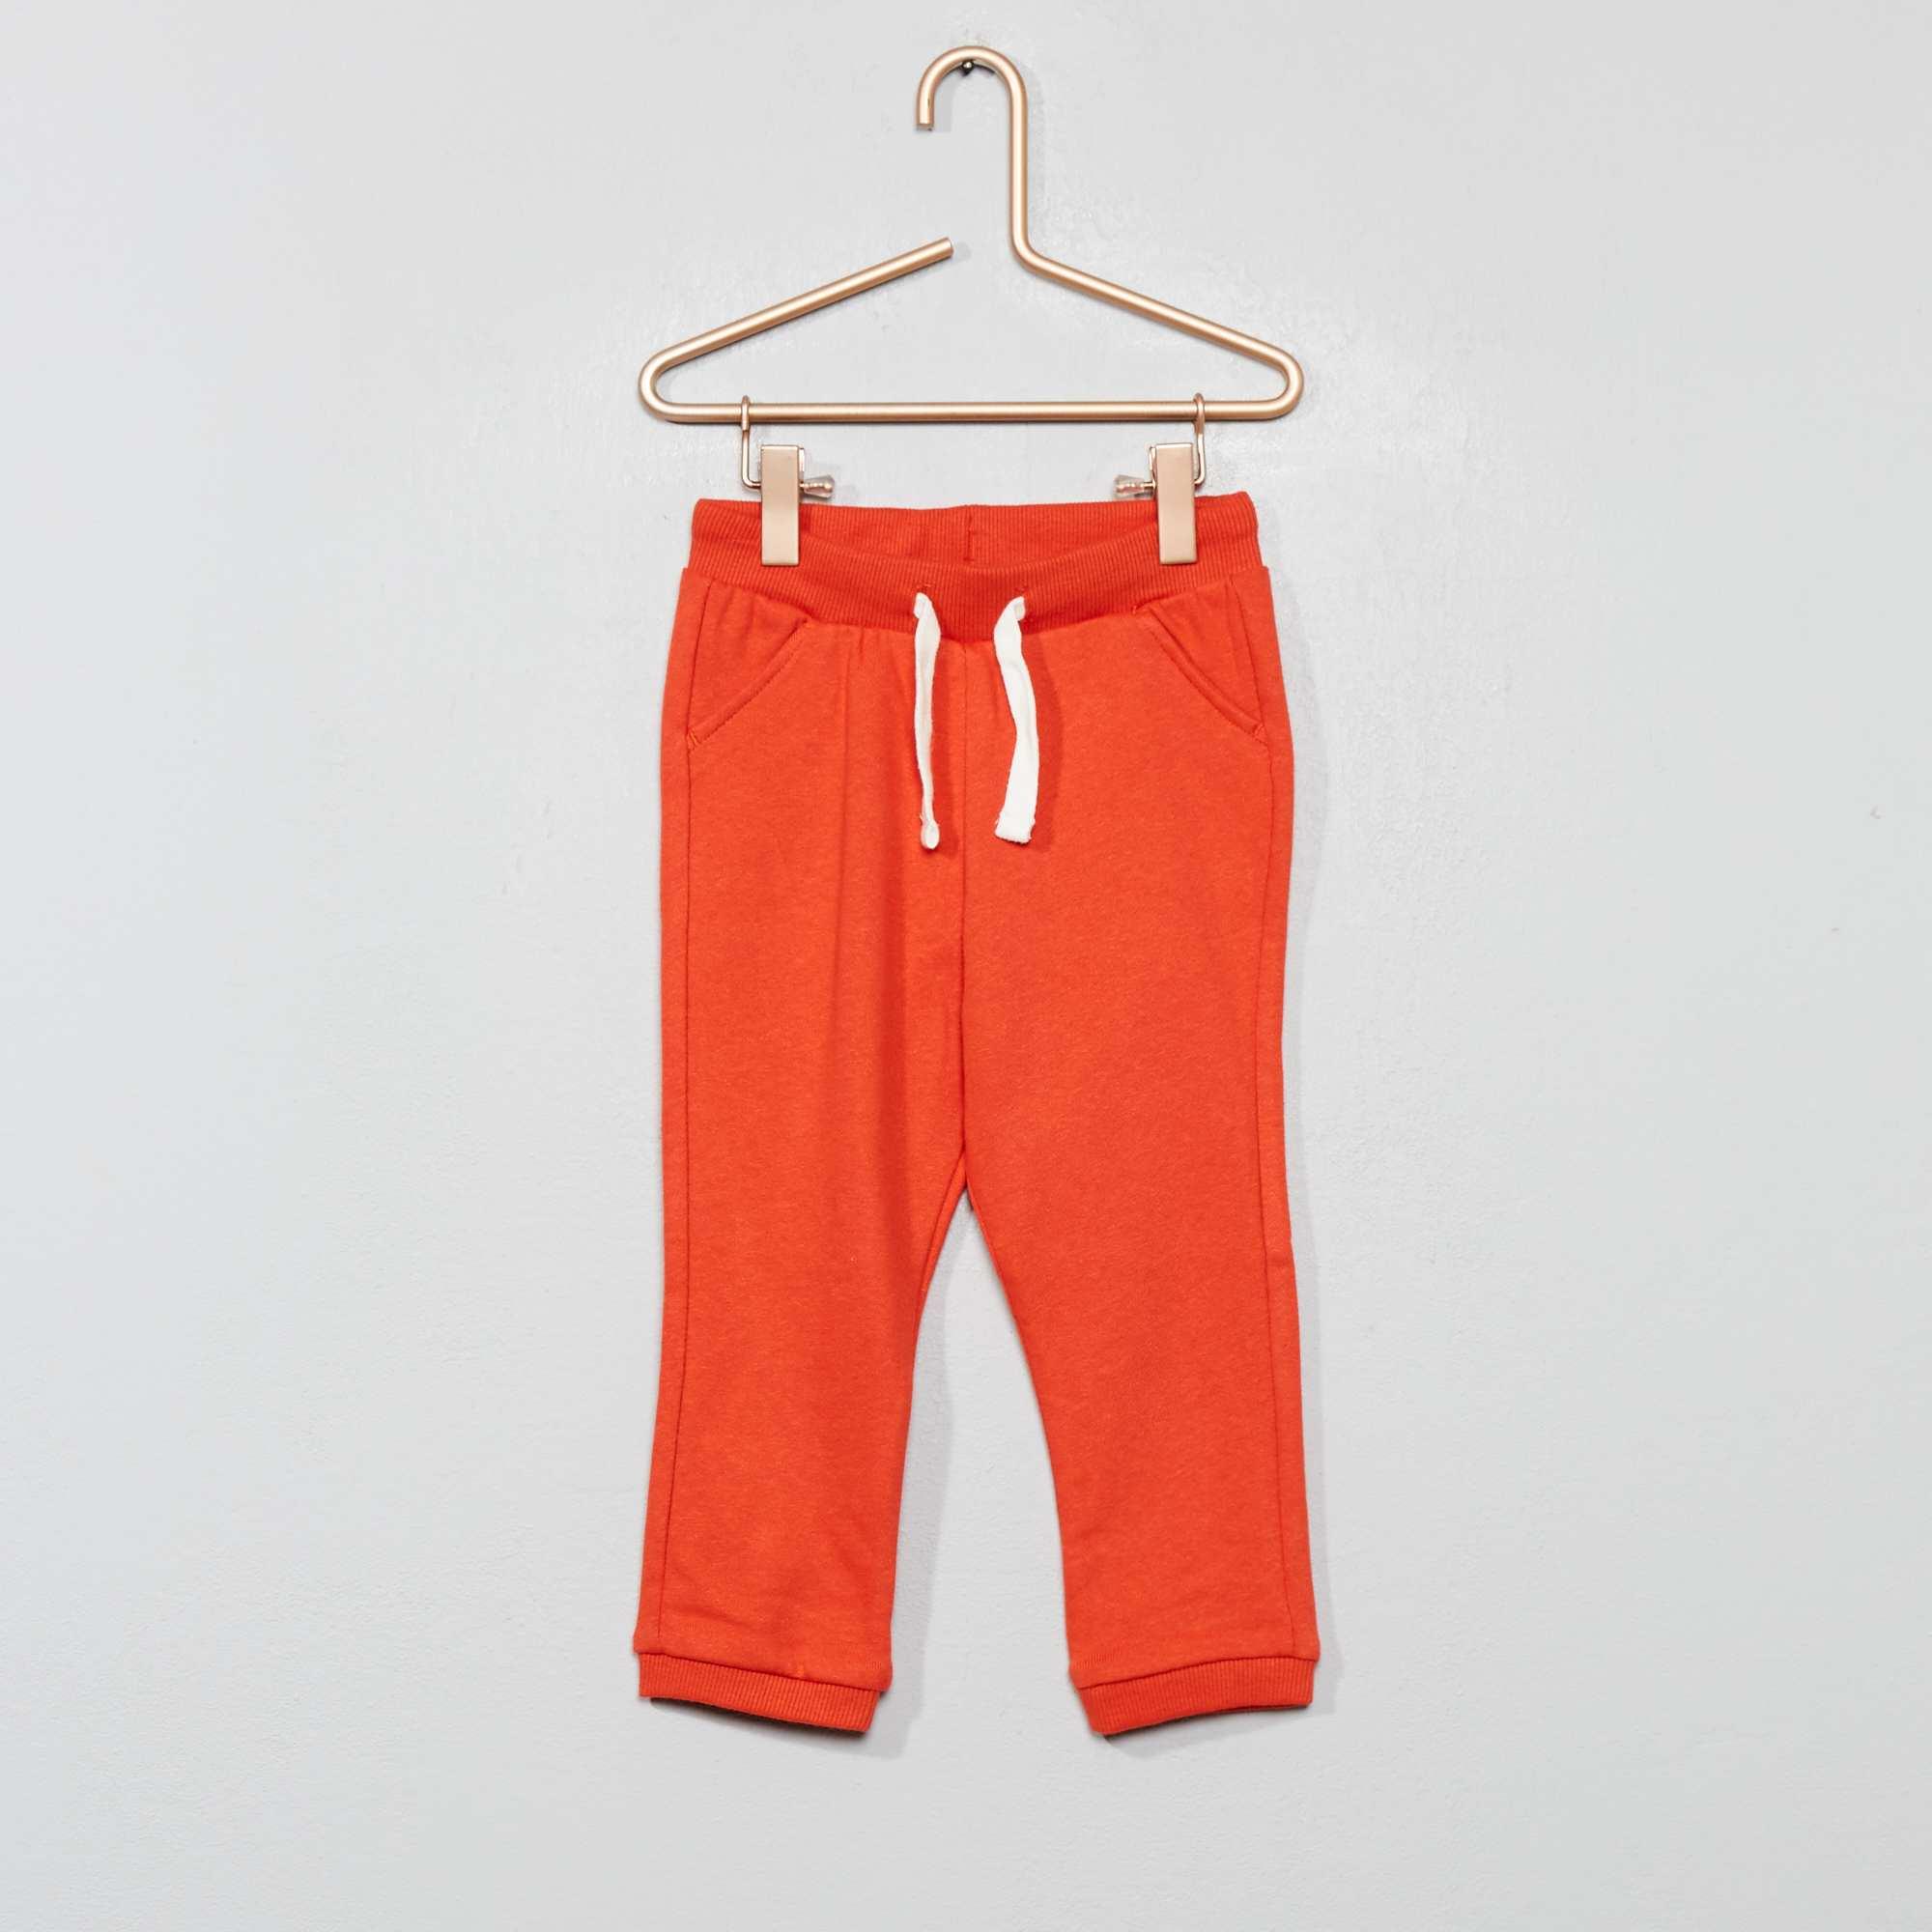 Joggingbroek Voor Jongens.Effen Joggingbroek Jongens Babykleding Lichtoranje Kiabi 4 00